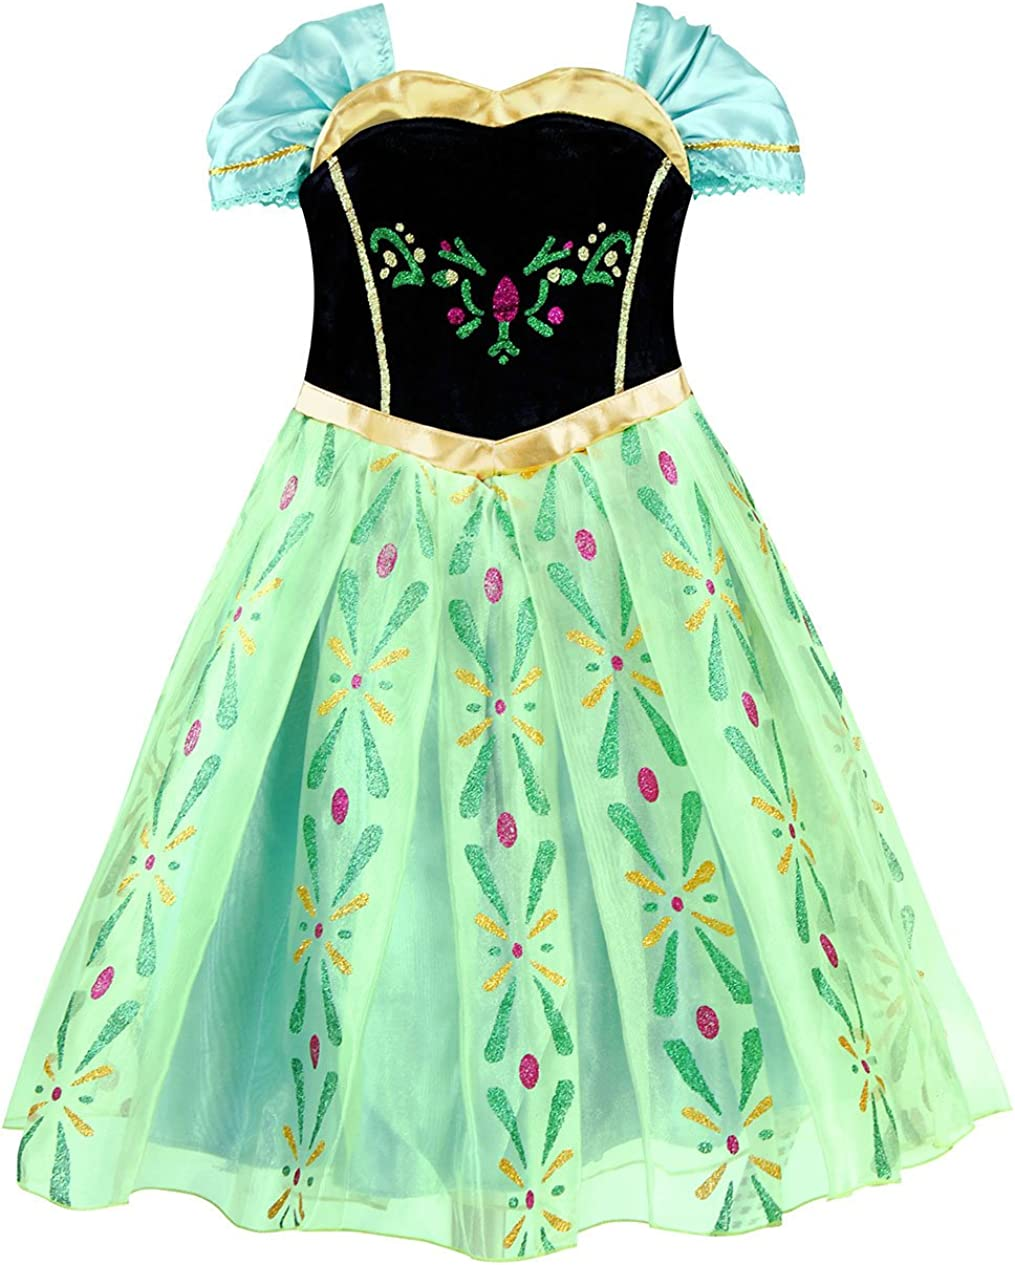 AmzBarley Robe de Princesse pour Fille Enfant Habiller Couronnement Costume D/éguisement Cosplay Anniversaire F/ête Halloween Carnaval No/ël avec Cap